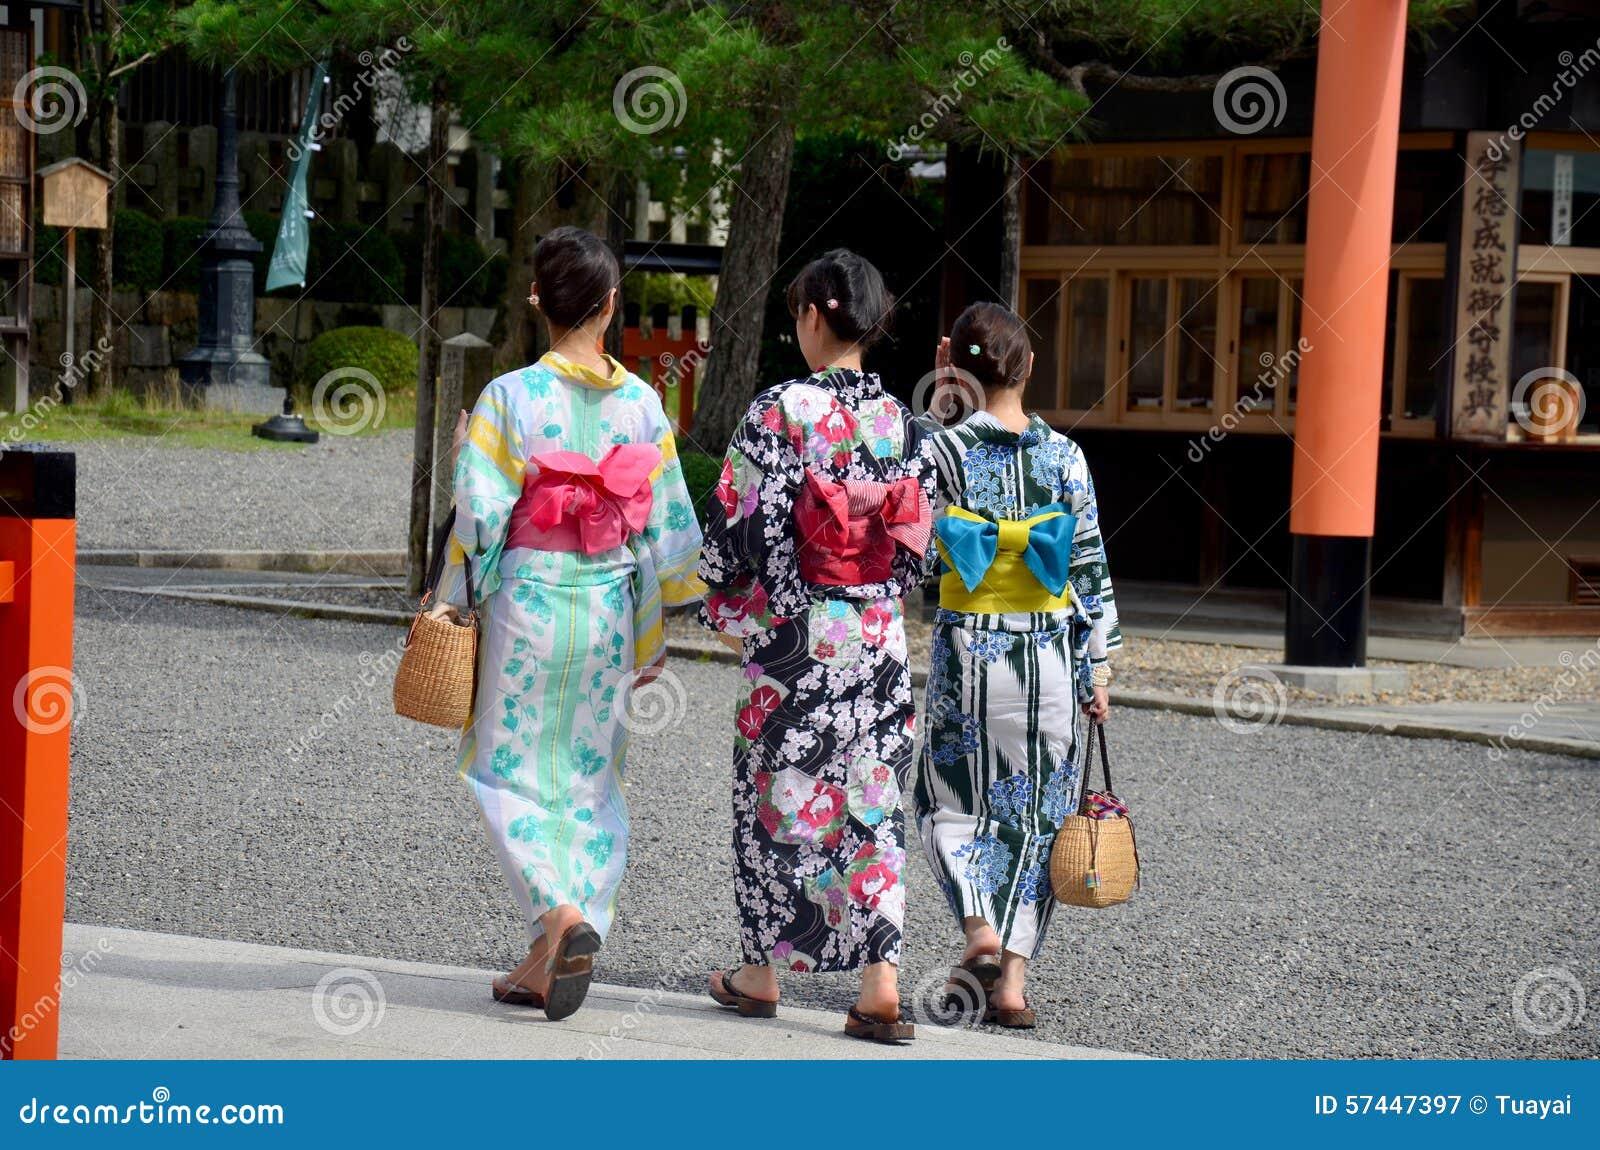 japanisches volk tr gt traditionelle japanische kleidung